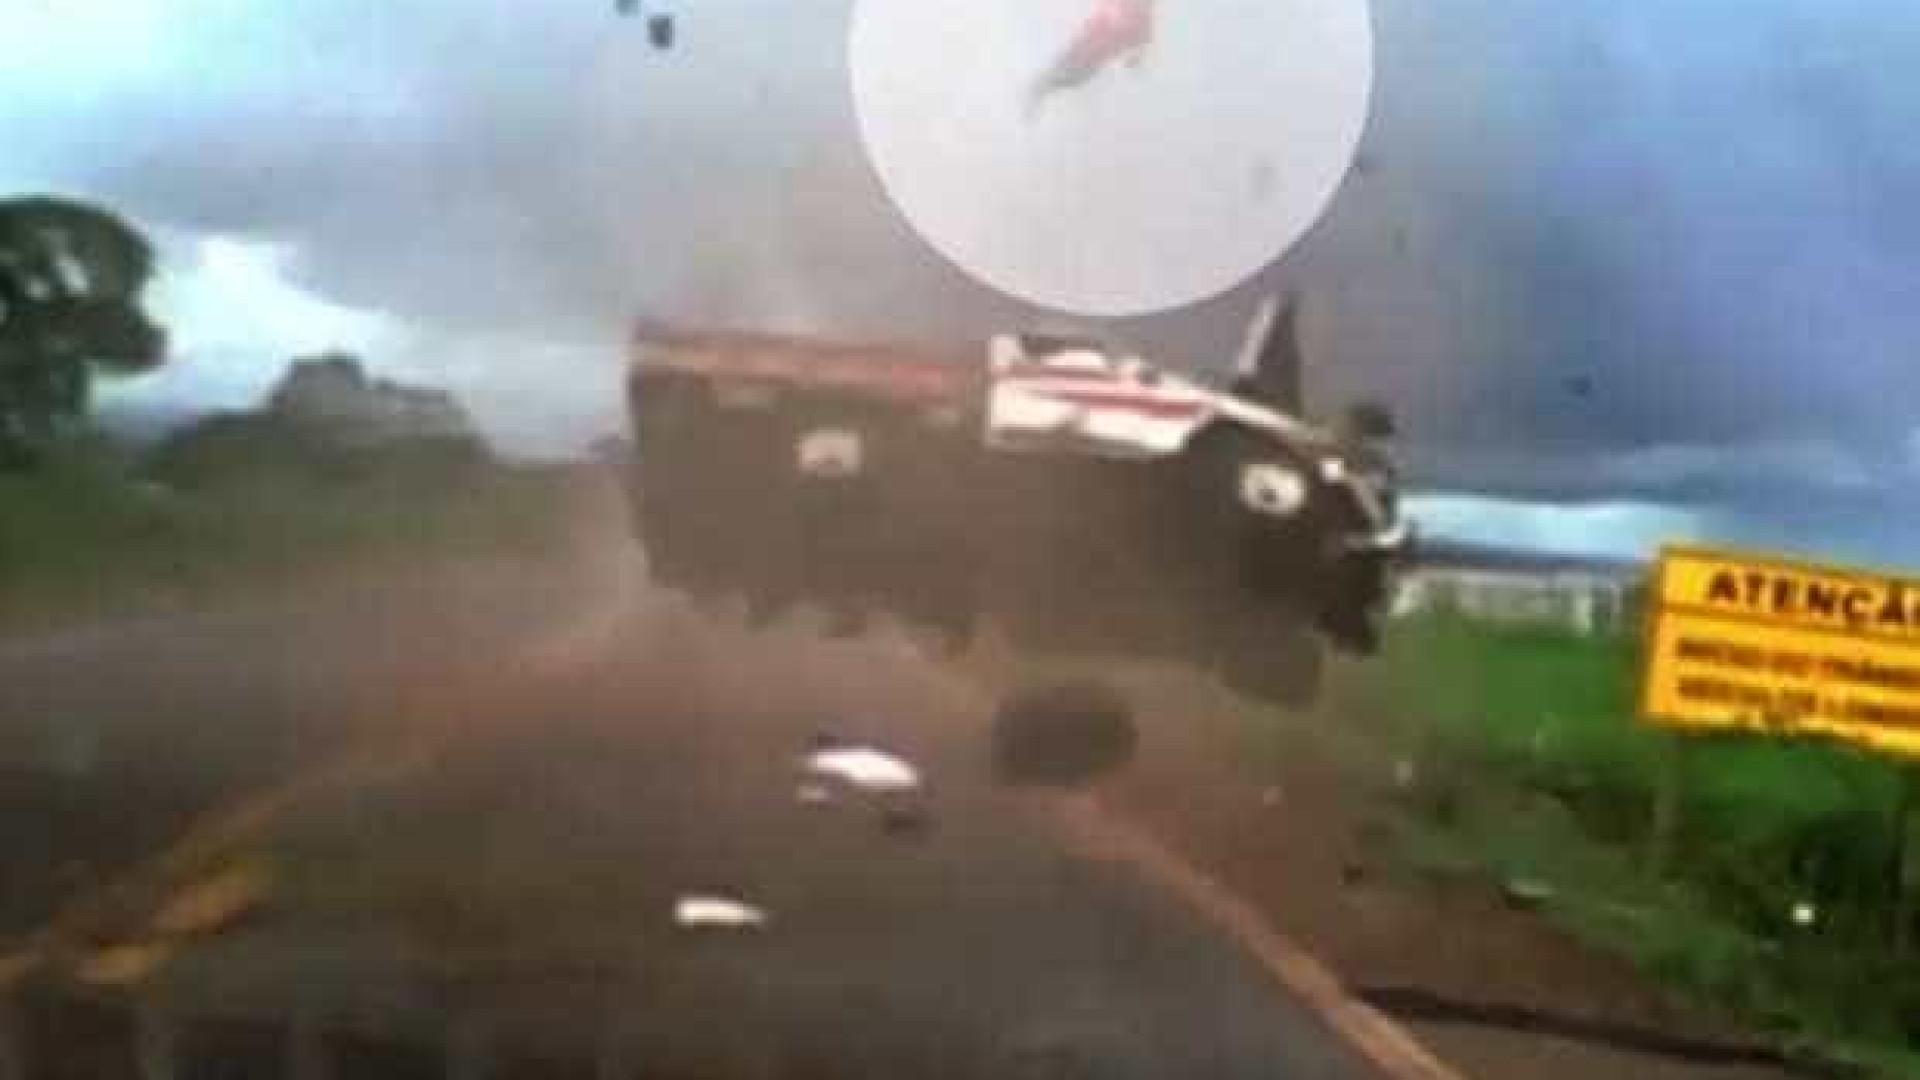 Homem é arremessado de caminhonete durante capotamento; assista